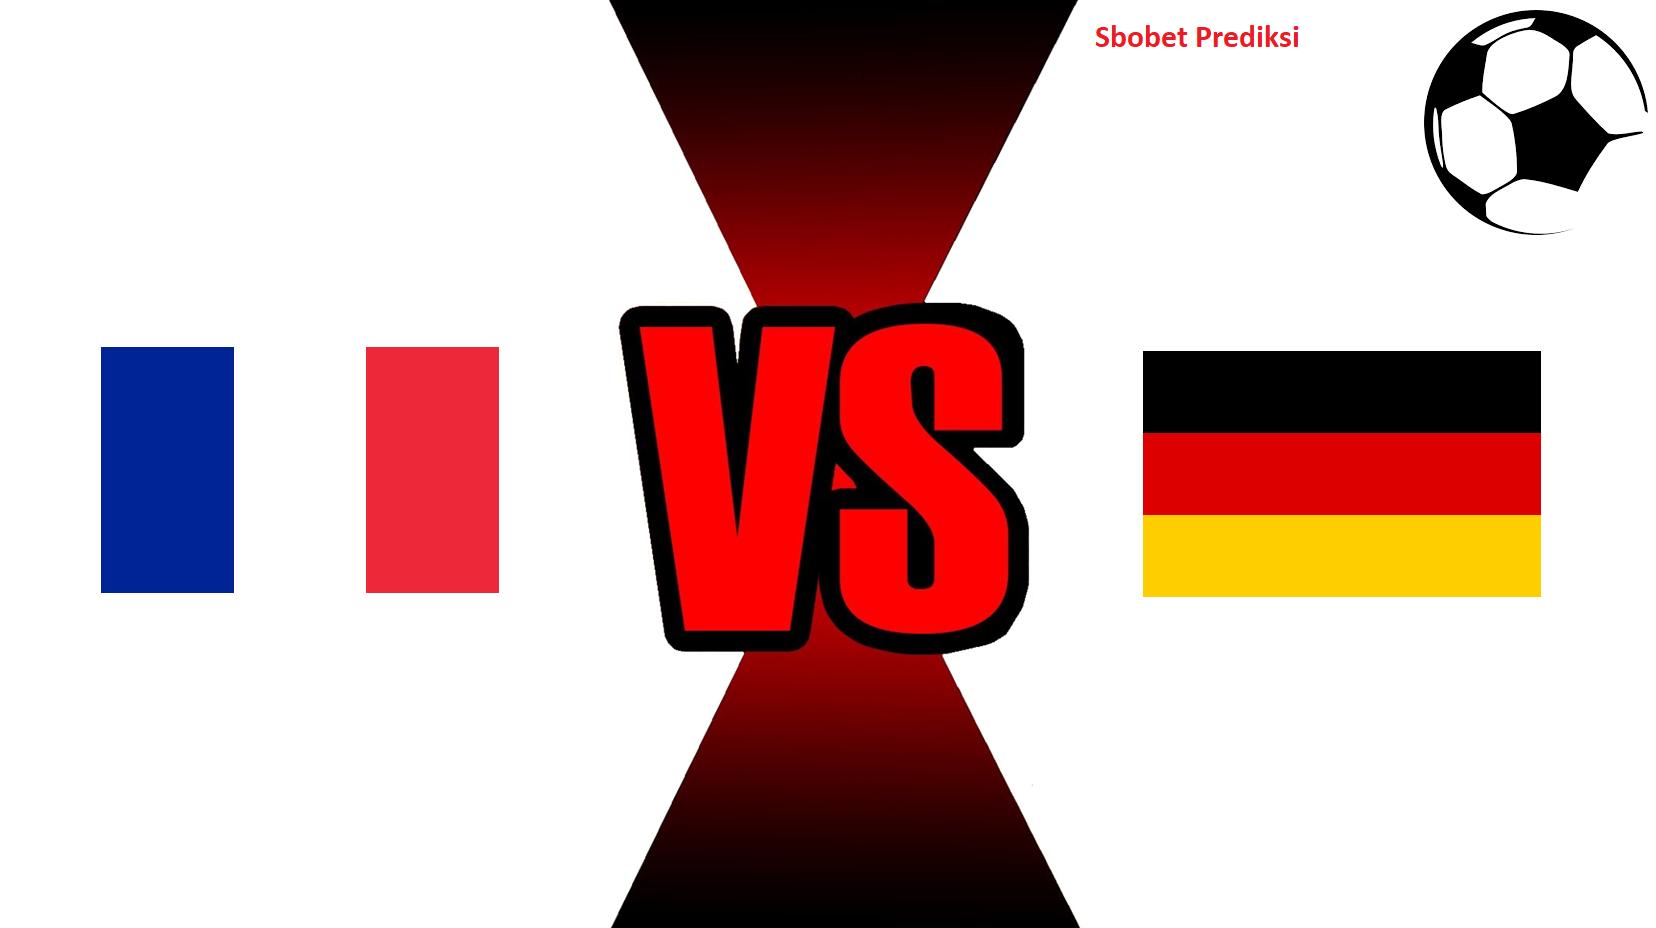 Prediksi Skor Pertandingan Prancis Vs Jerman 17 Oktober 2018